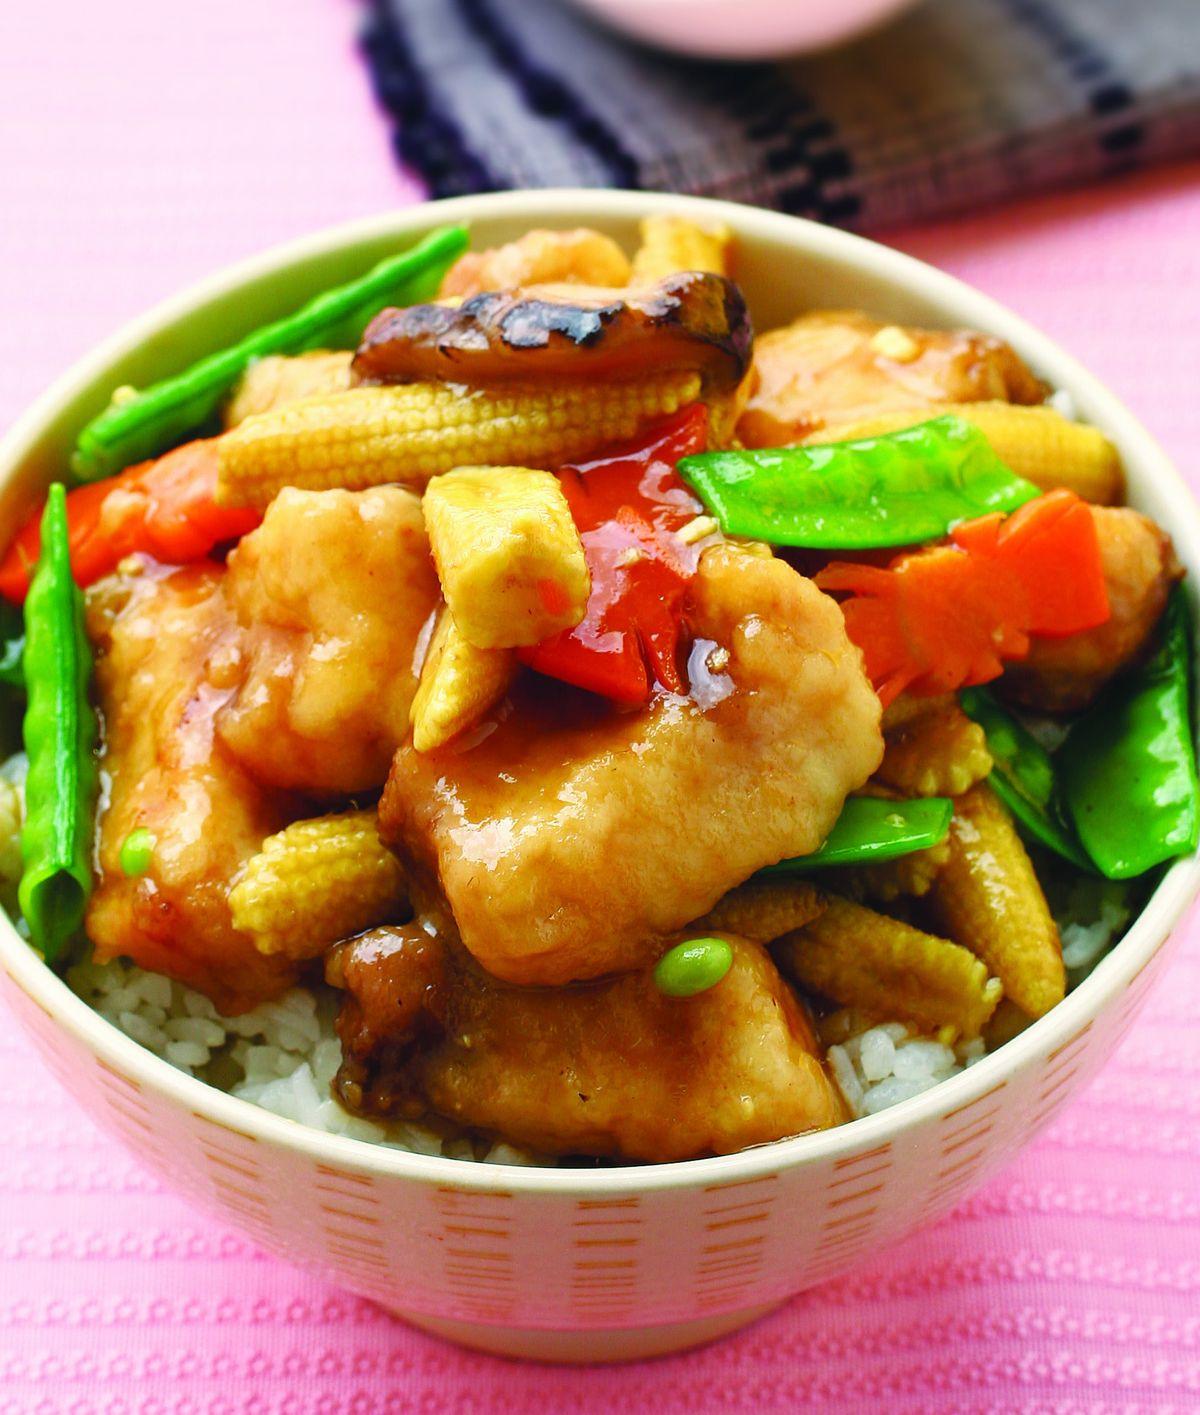 食譜:紅燒魚腩蓋飯